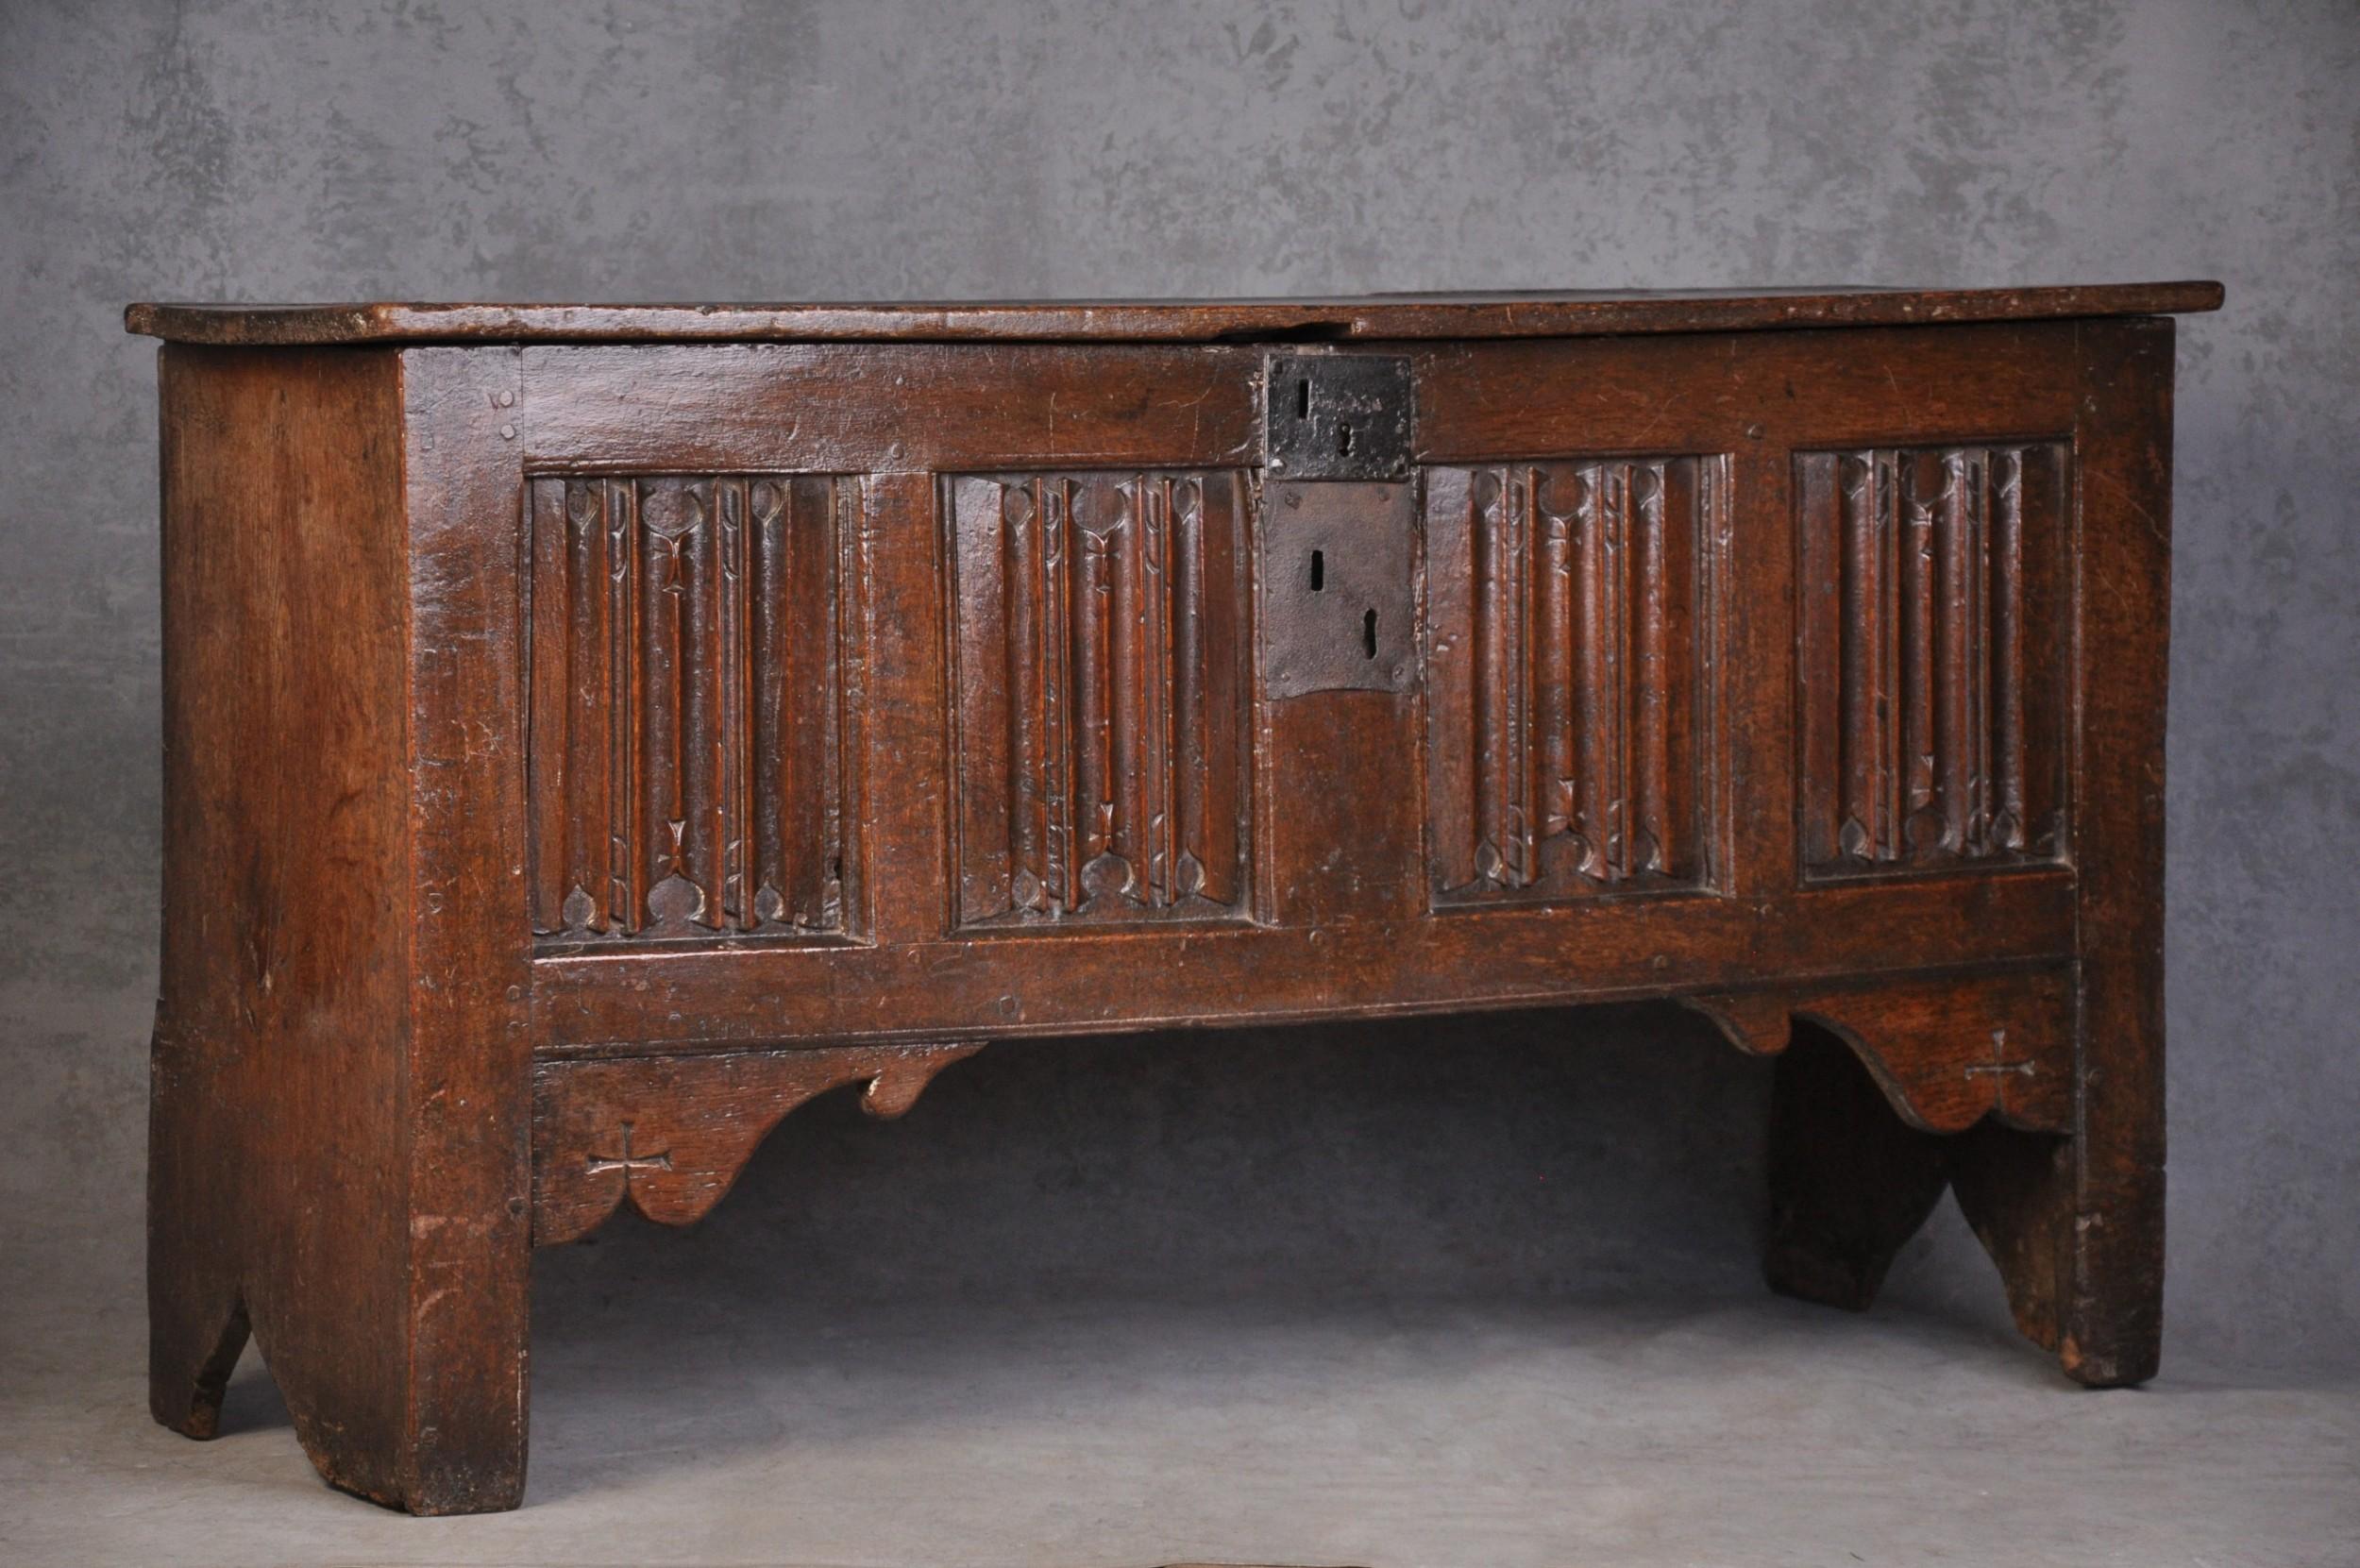 16th century oak coffer